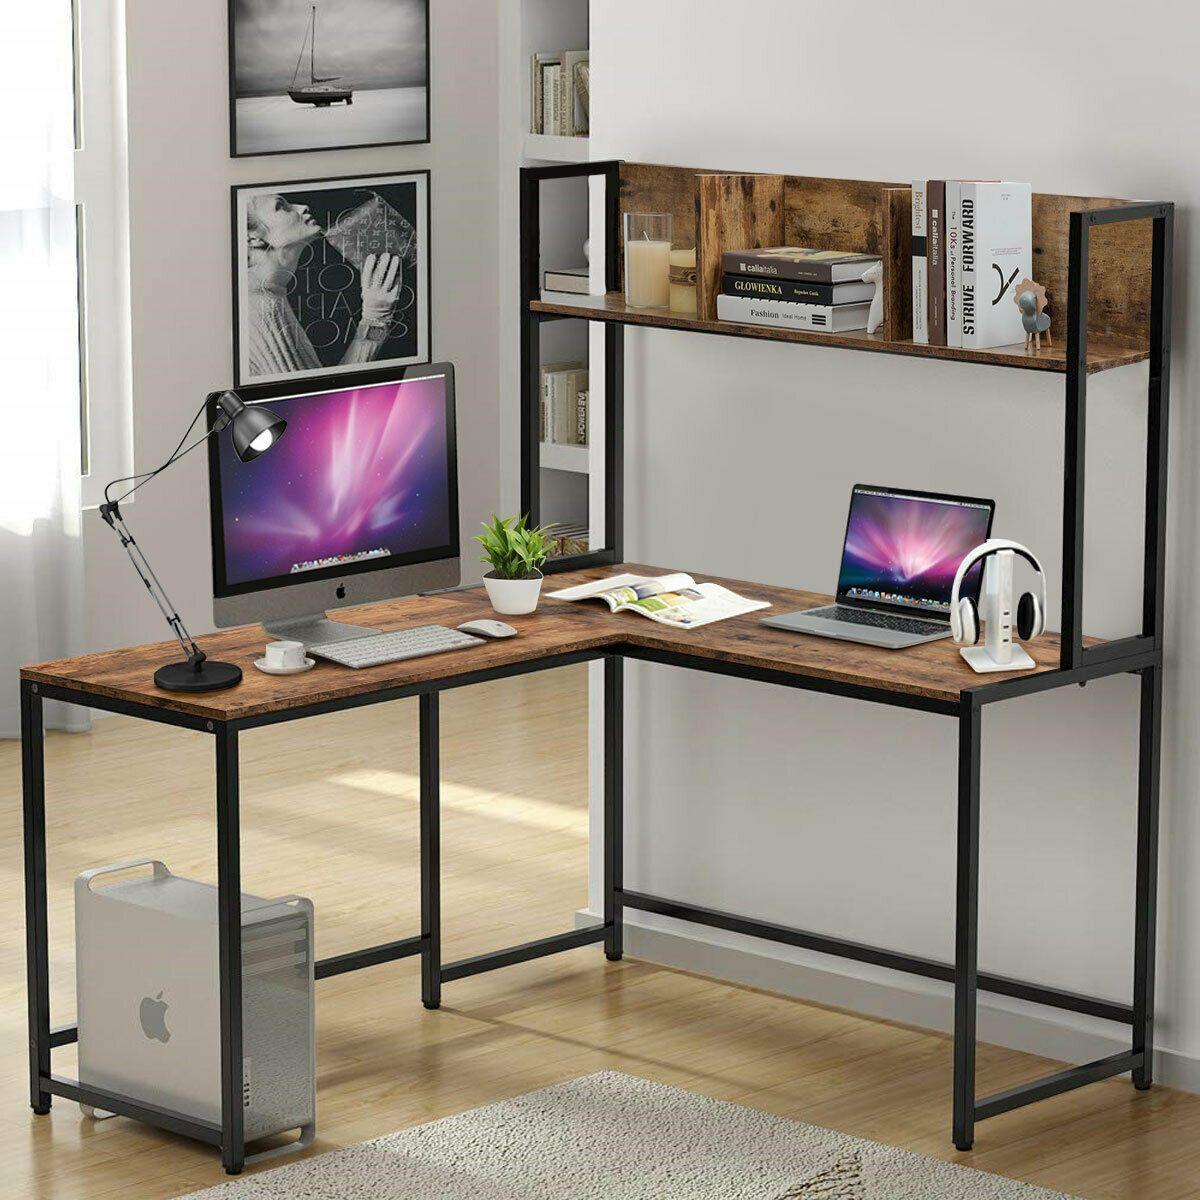 Industrial LShaped Desk Bookshelf 55 Corner Computer Gaming Table  Industrial LShaped Desk Bookshelf 55 Corner Computer Gaming Table